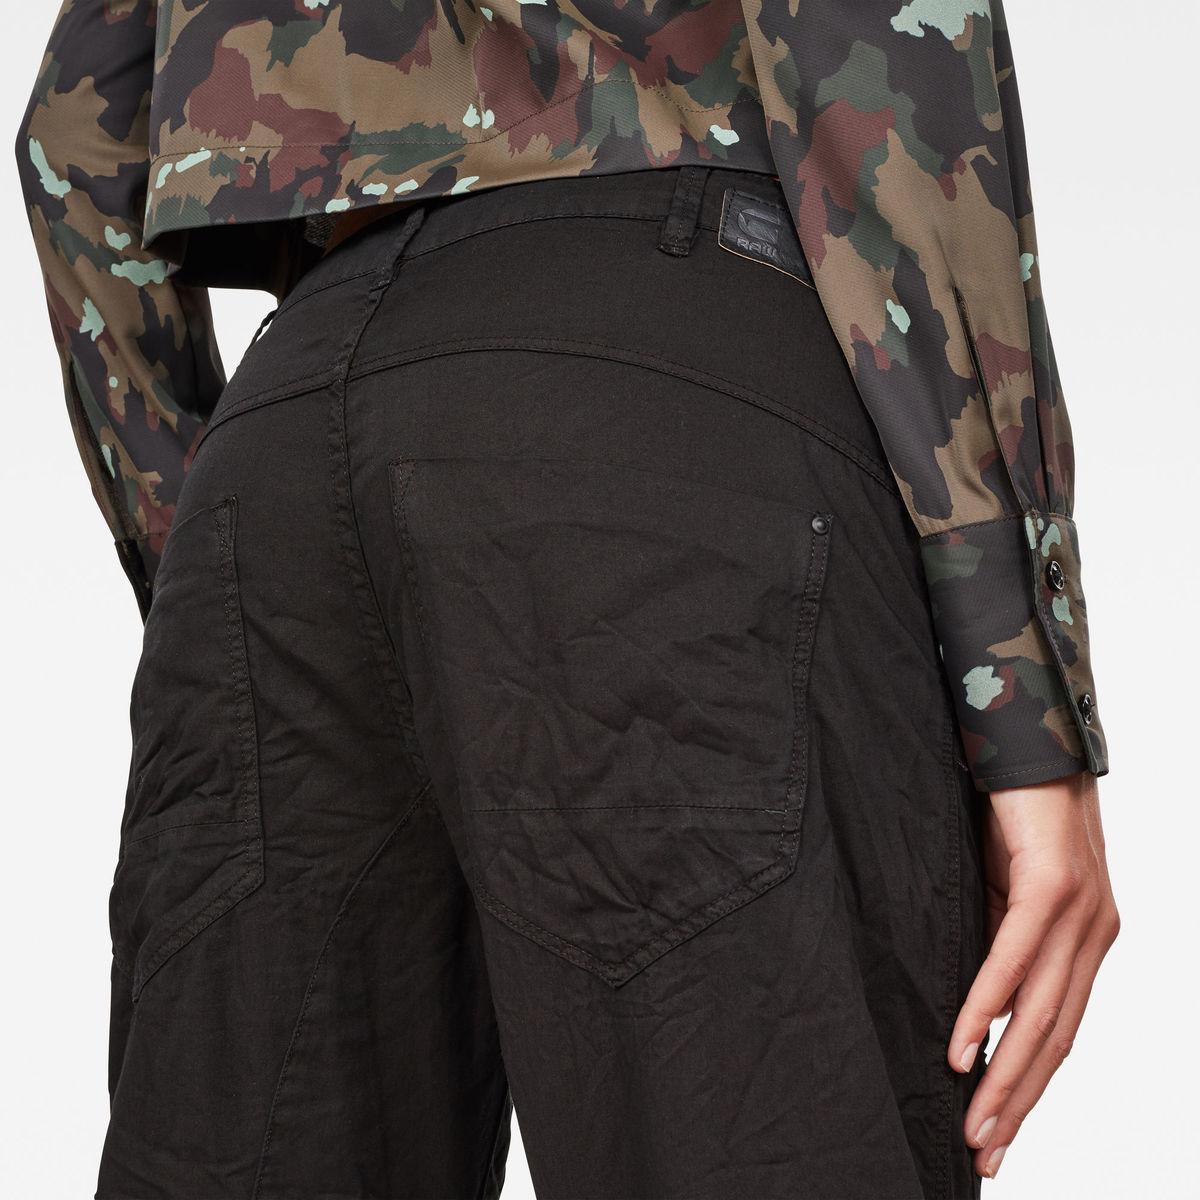 Bild 3 von Army Radar Strap Relaxed Pants